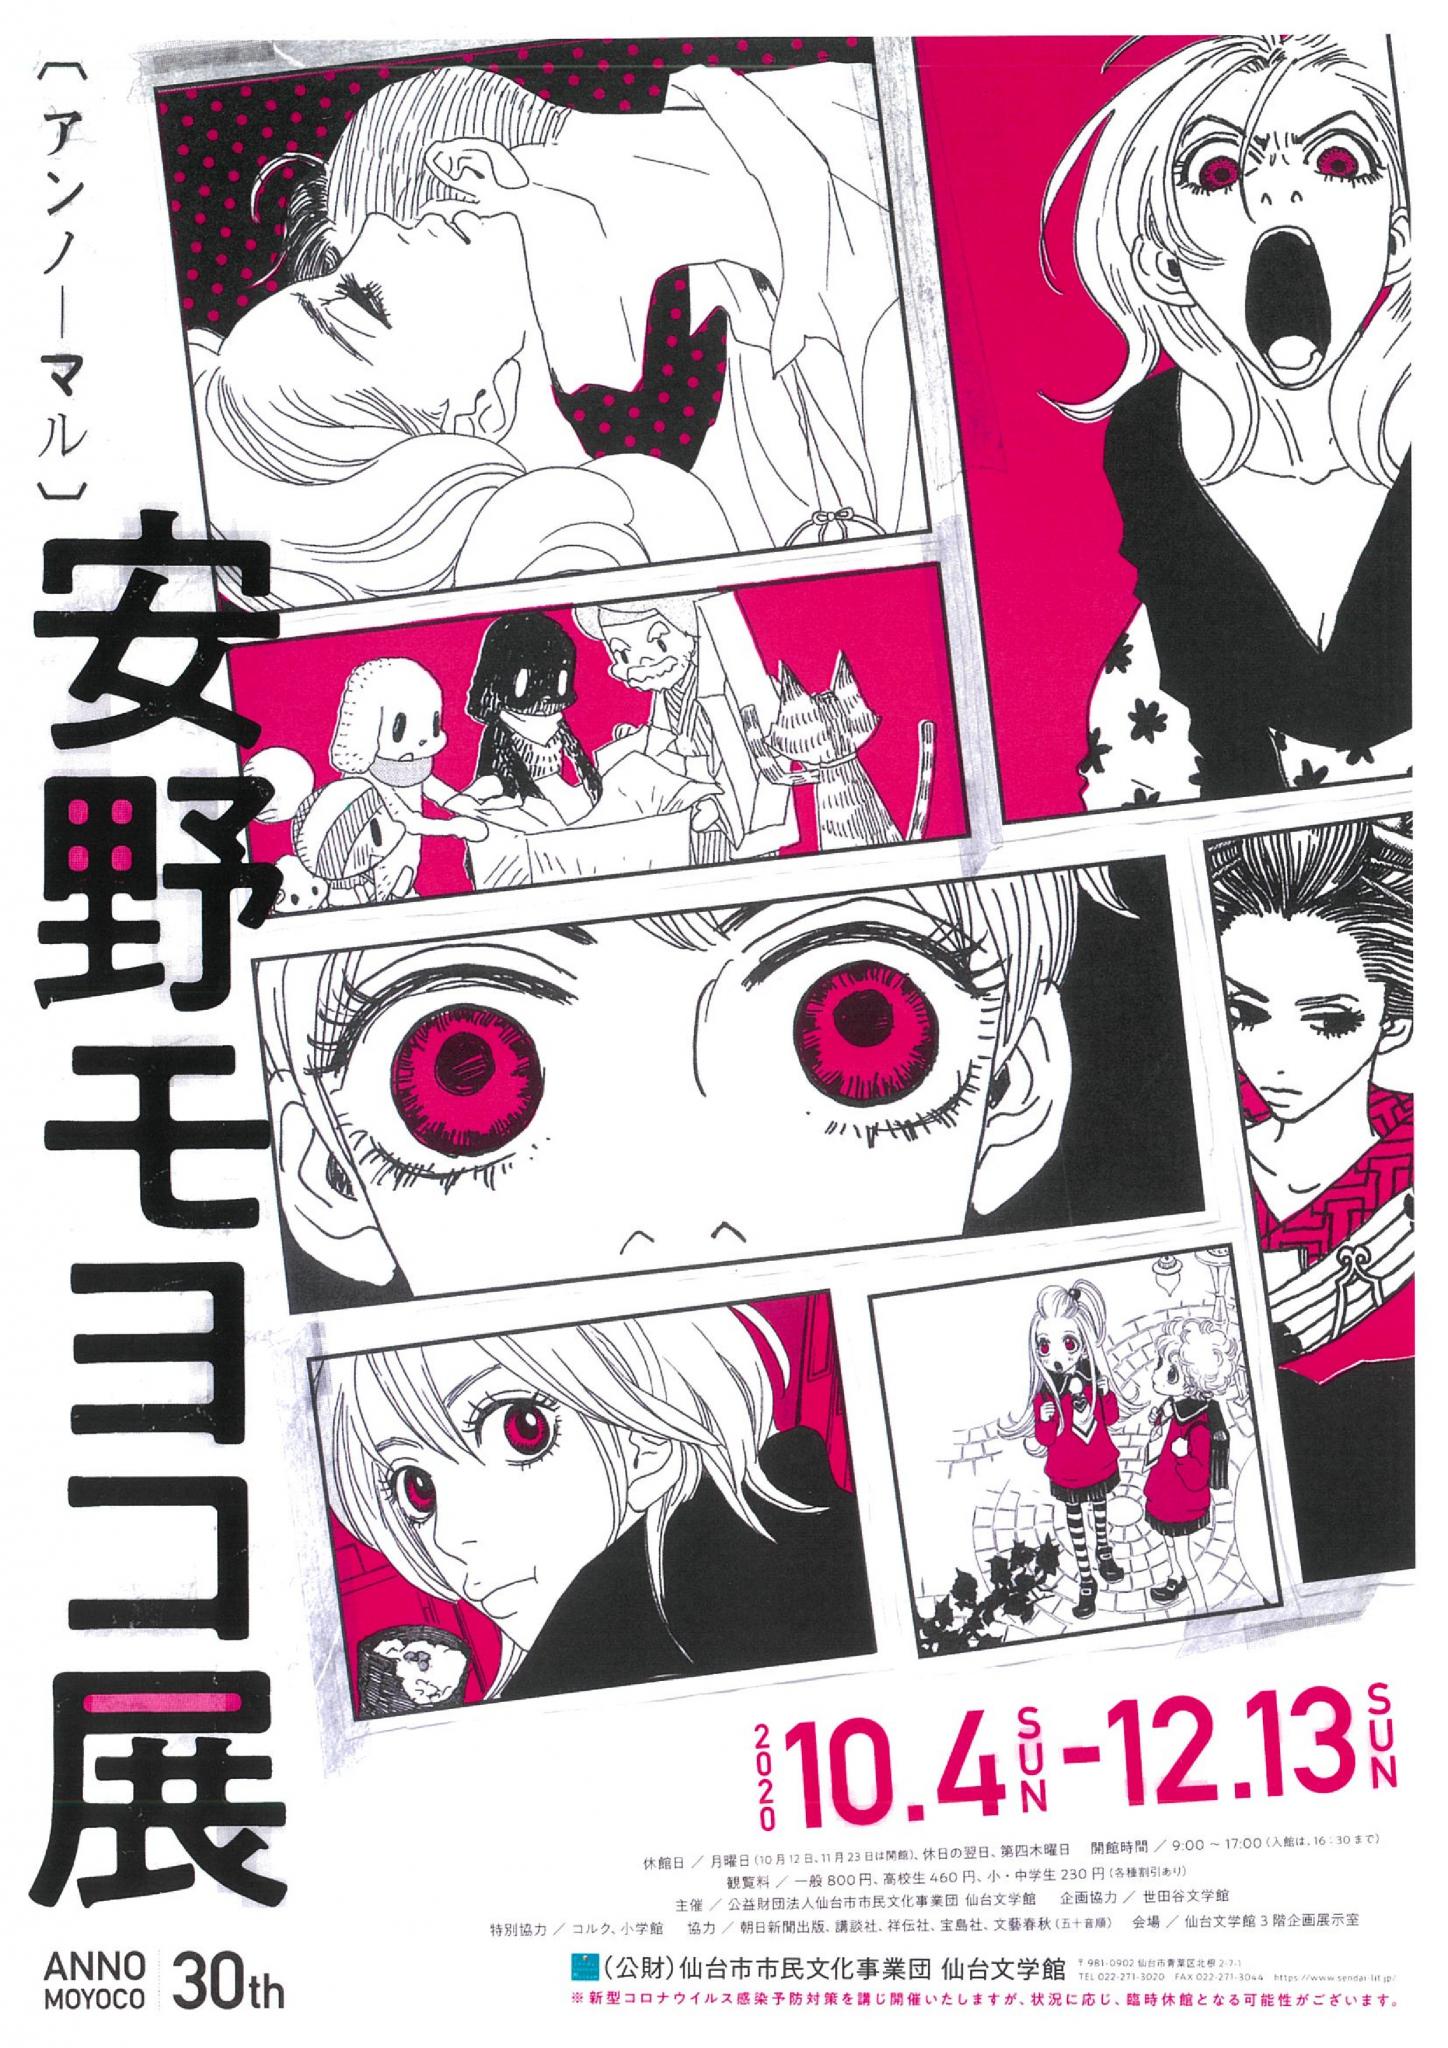 【仙台】安野モヨコ展 ANNORMAL:2020年10月4日(日)~12月13日(日)